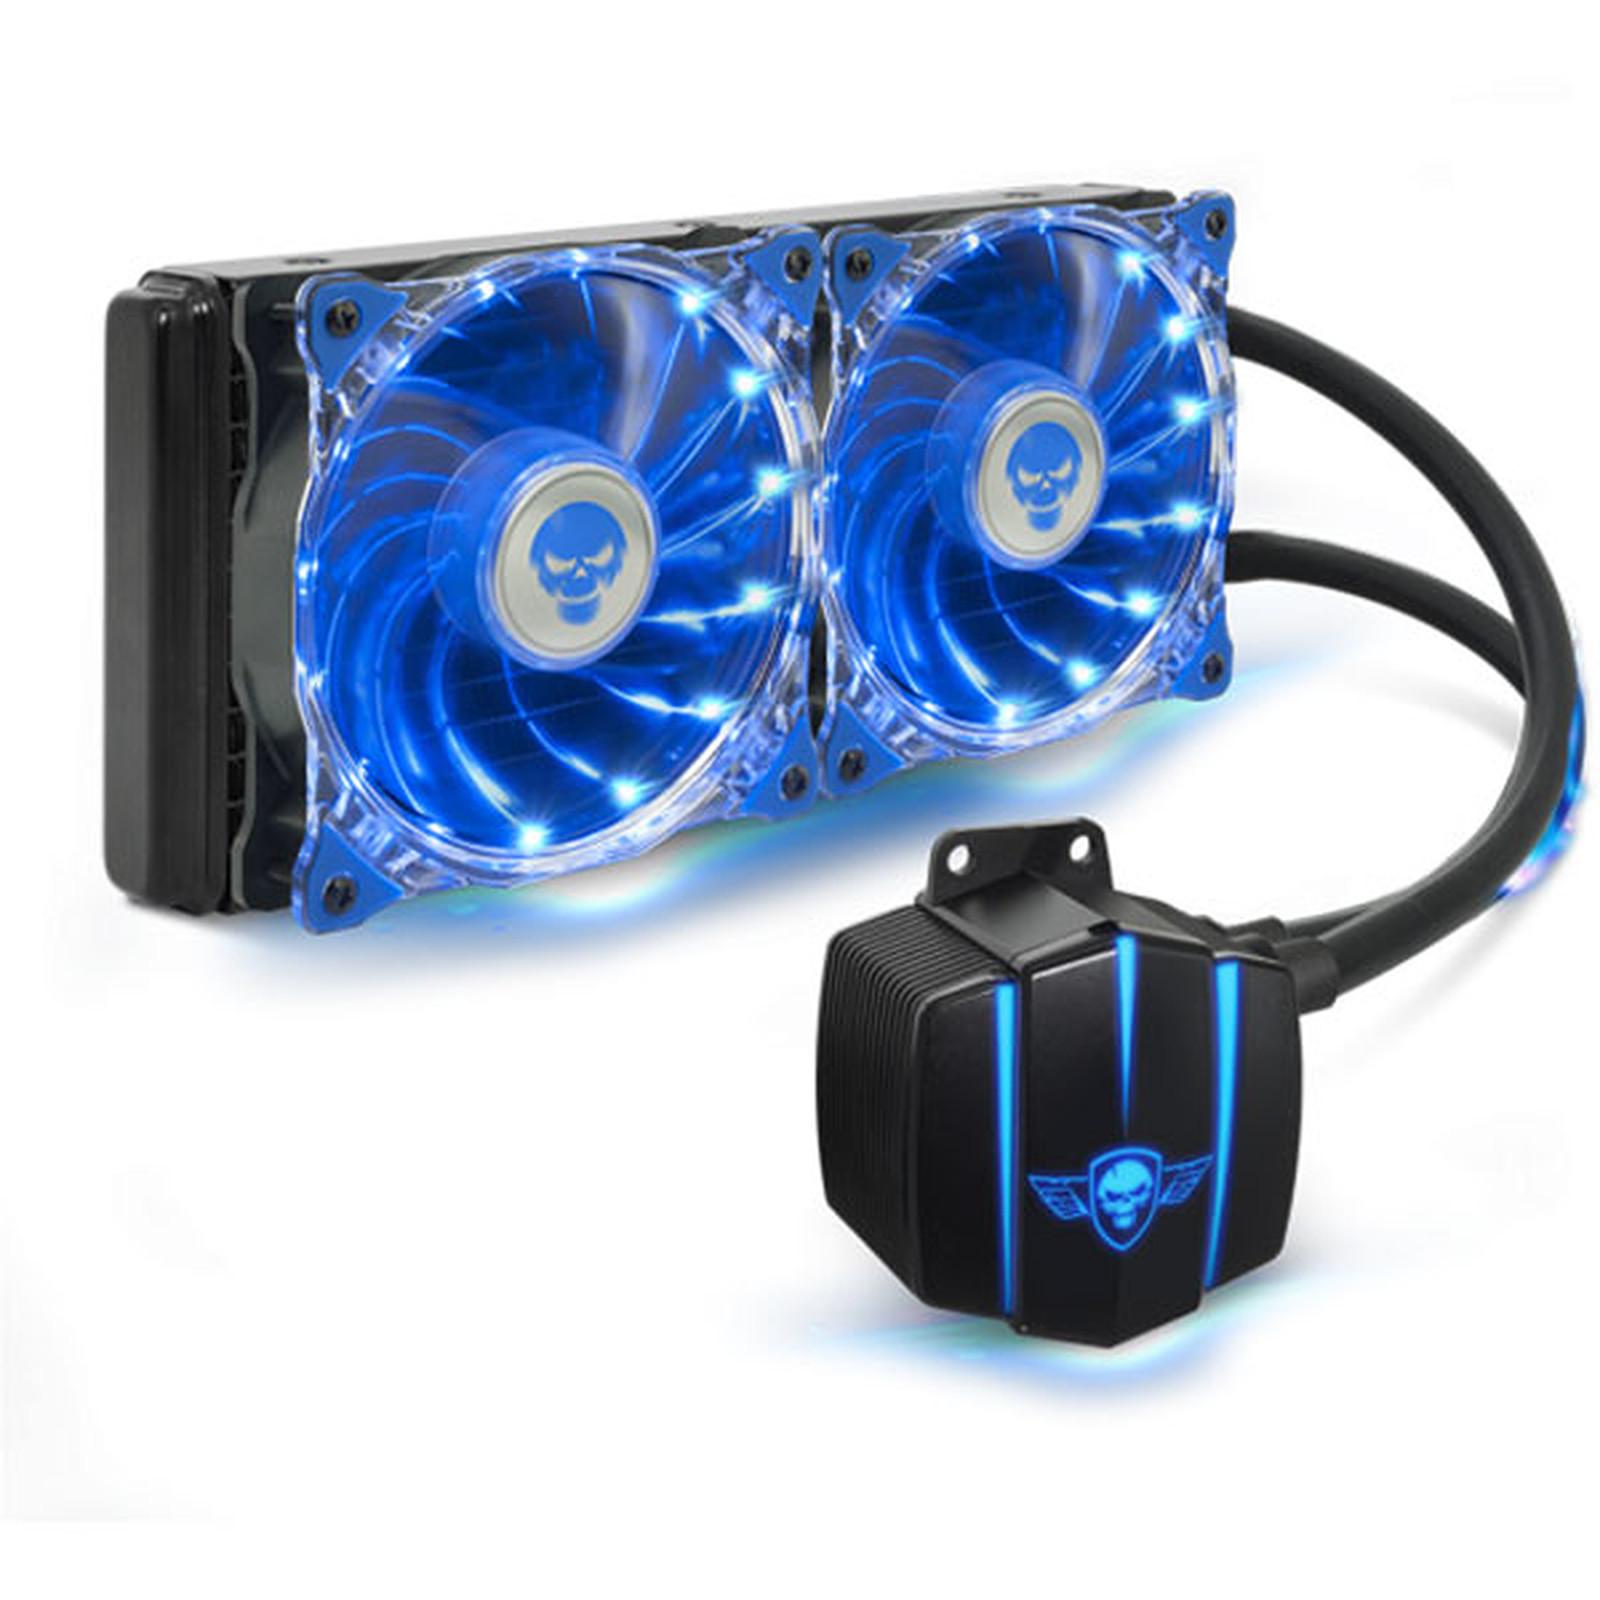 Spirit of Gamer LiquidForce 240